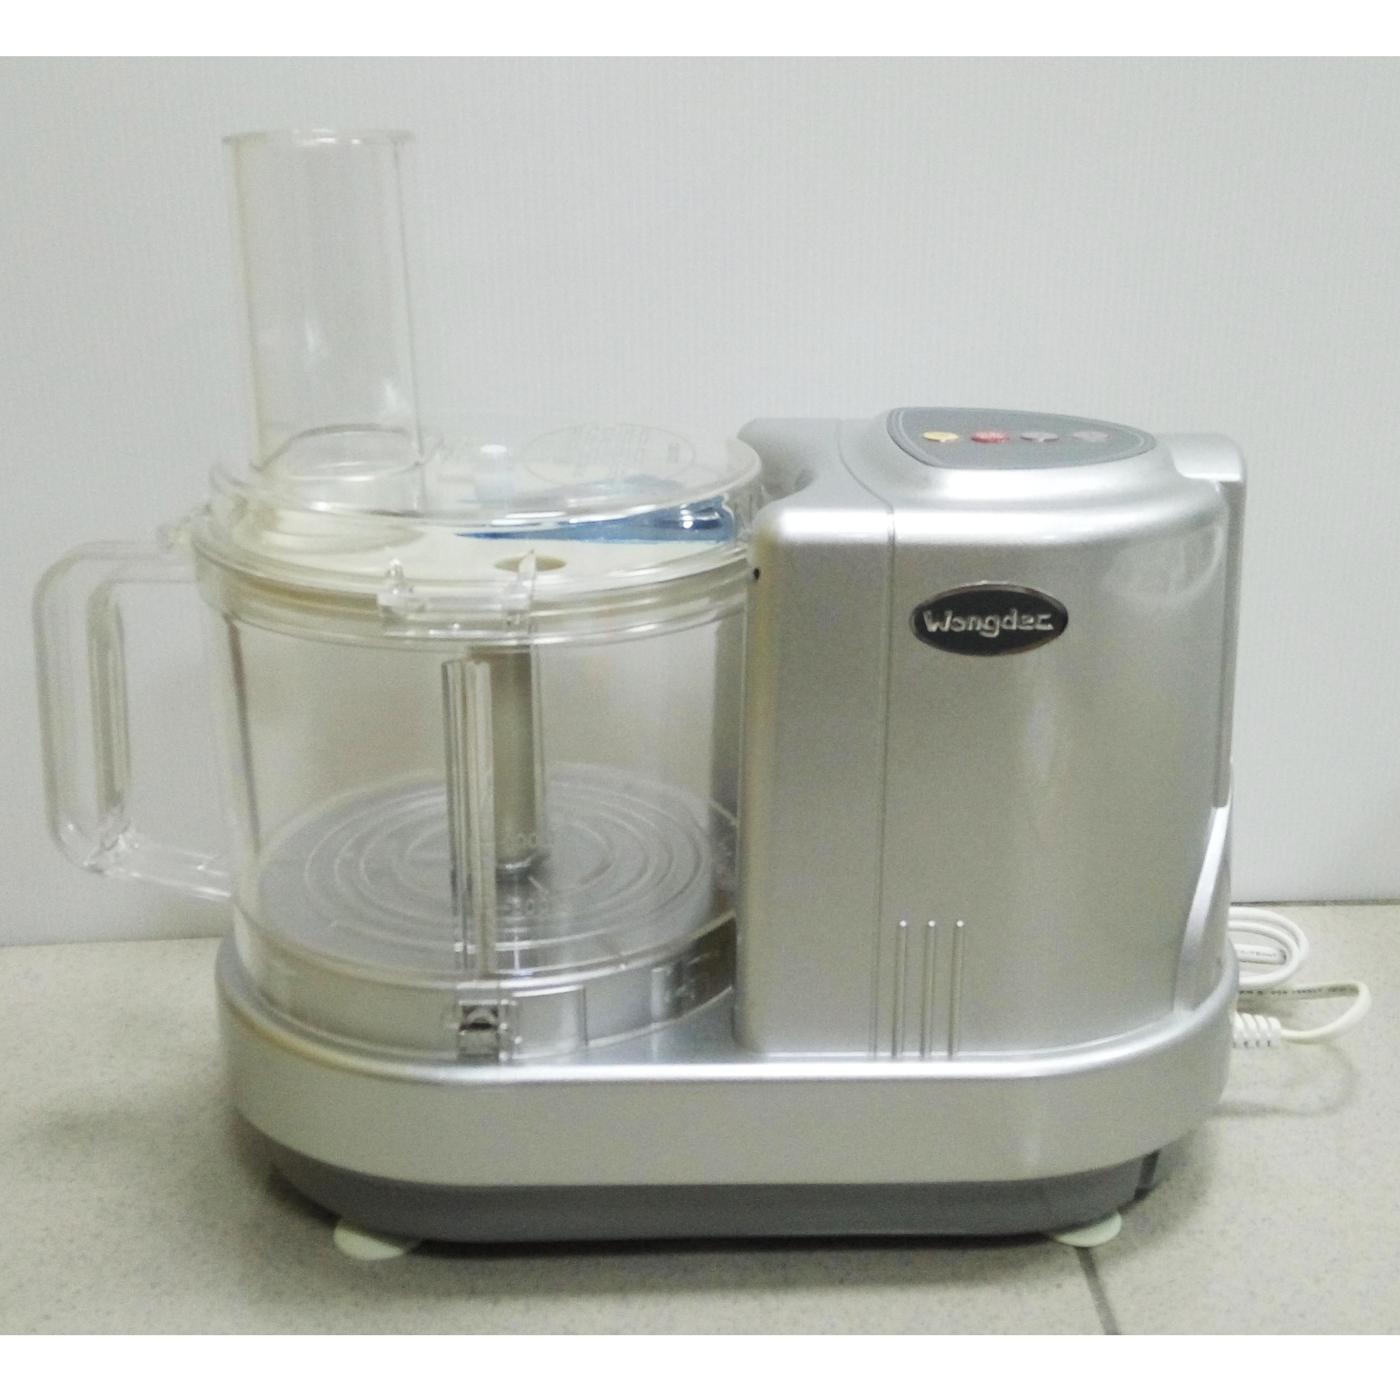 Wongdec王電料理專家廚中寶專業型果菜料理機WO-6001P-果汁機冰沙機絞碎麻糬